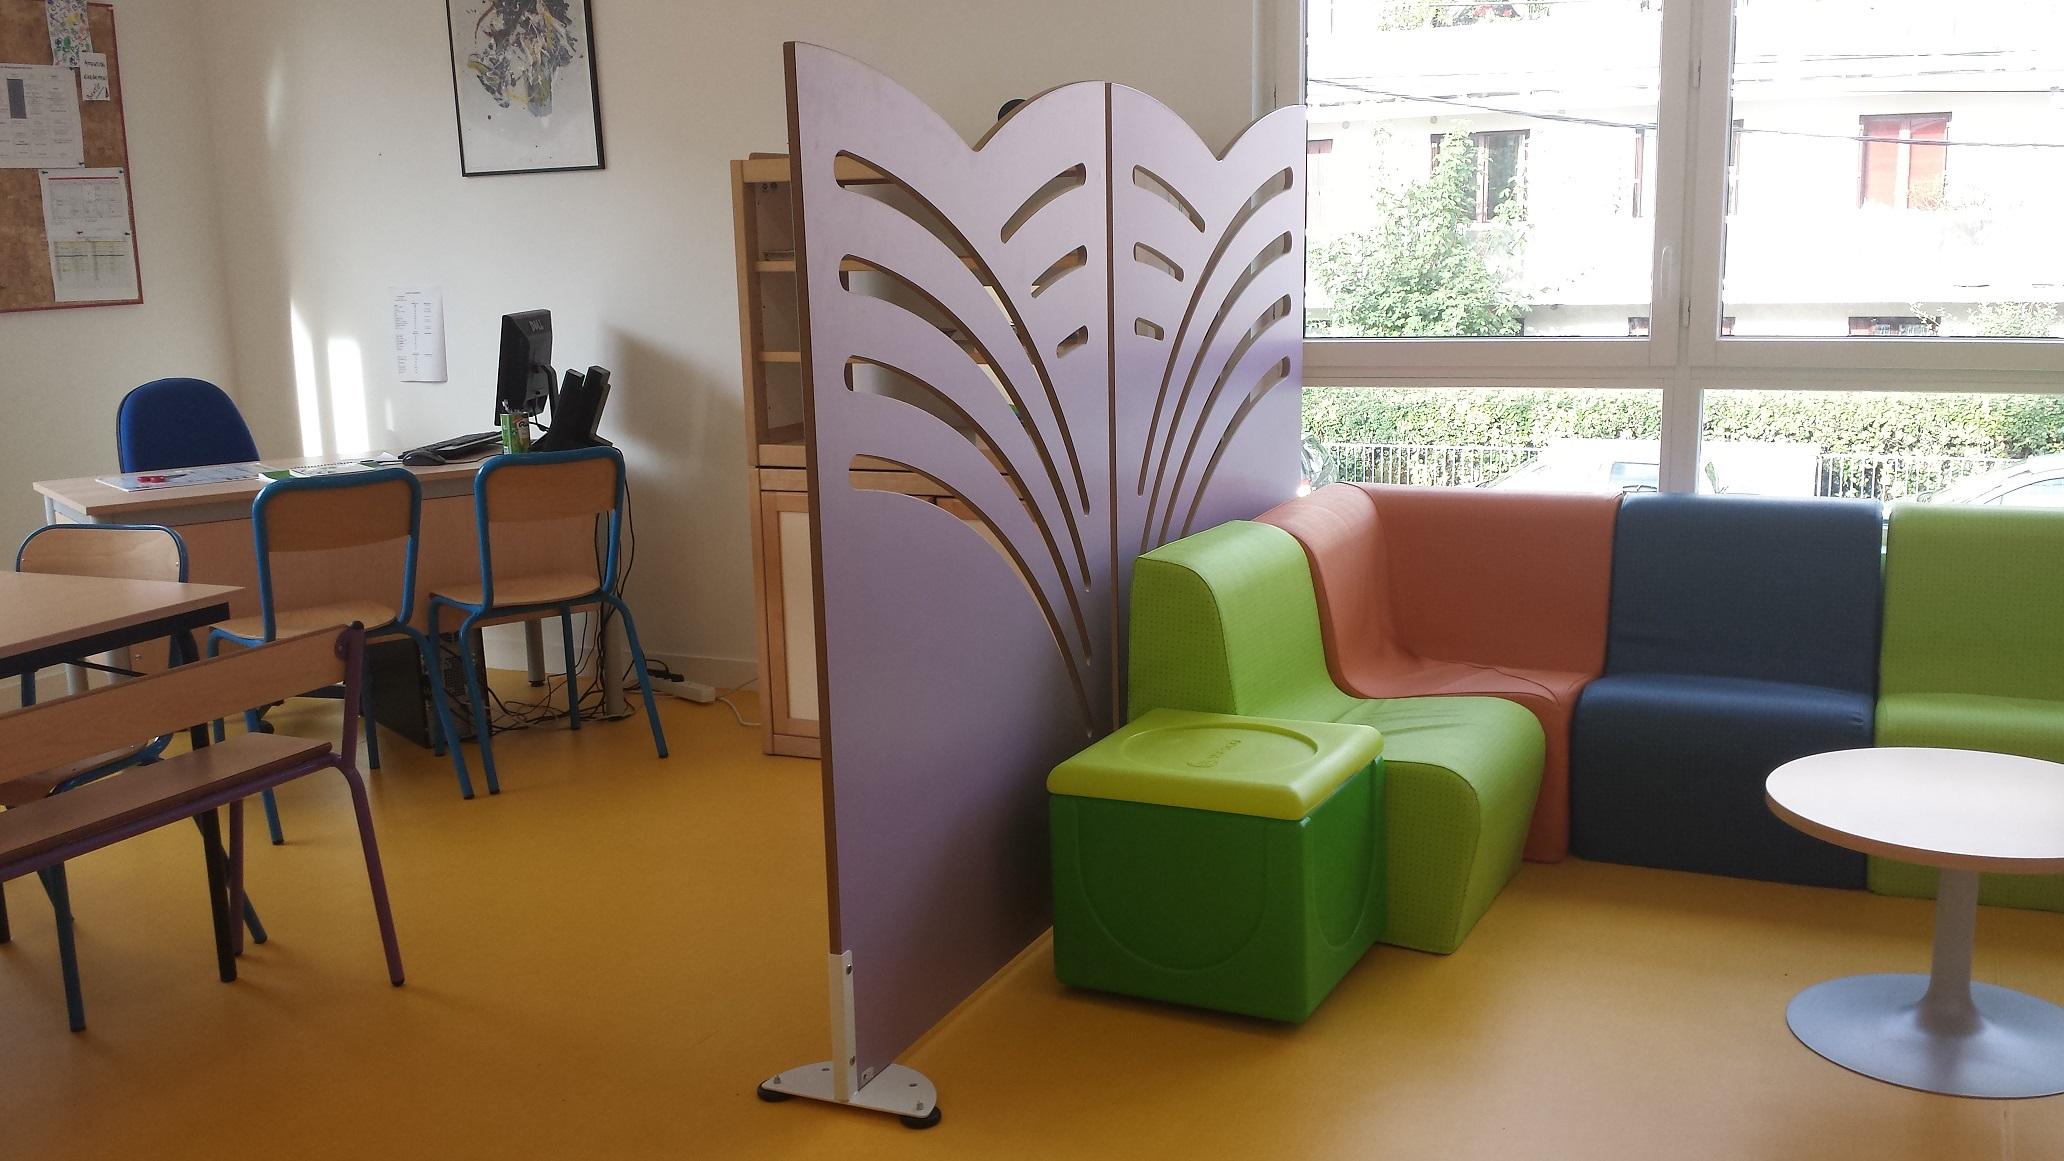 Nouvelle installation mobilier scolaire de collectivit - Mobilier de collectivite ...